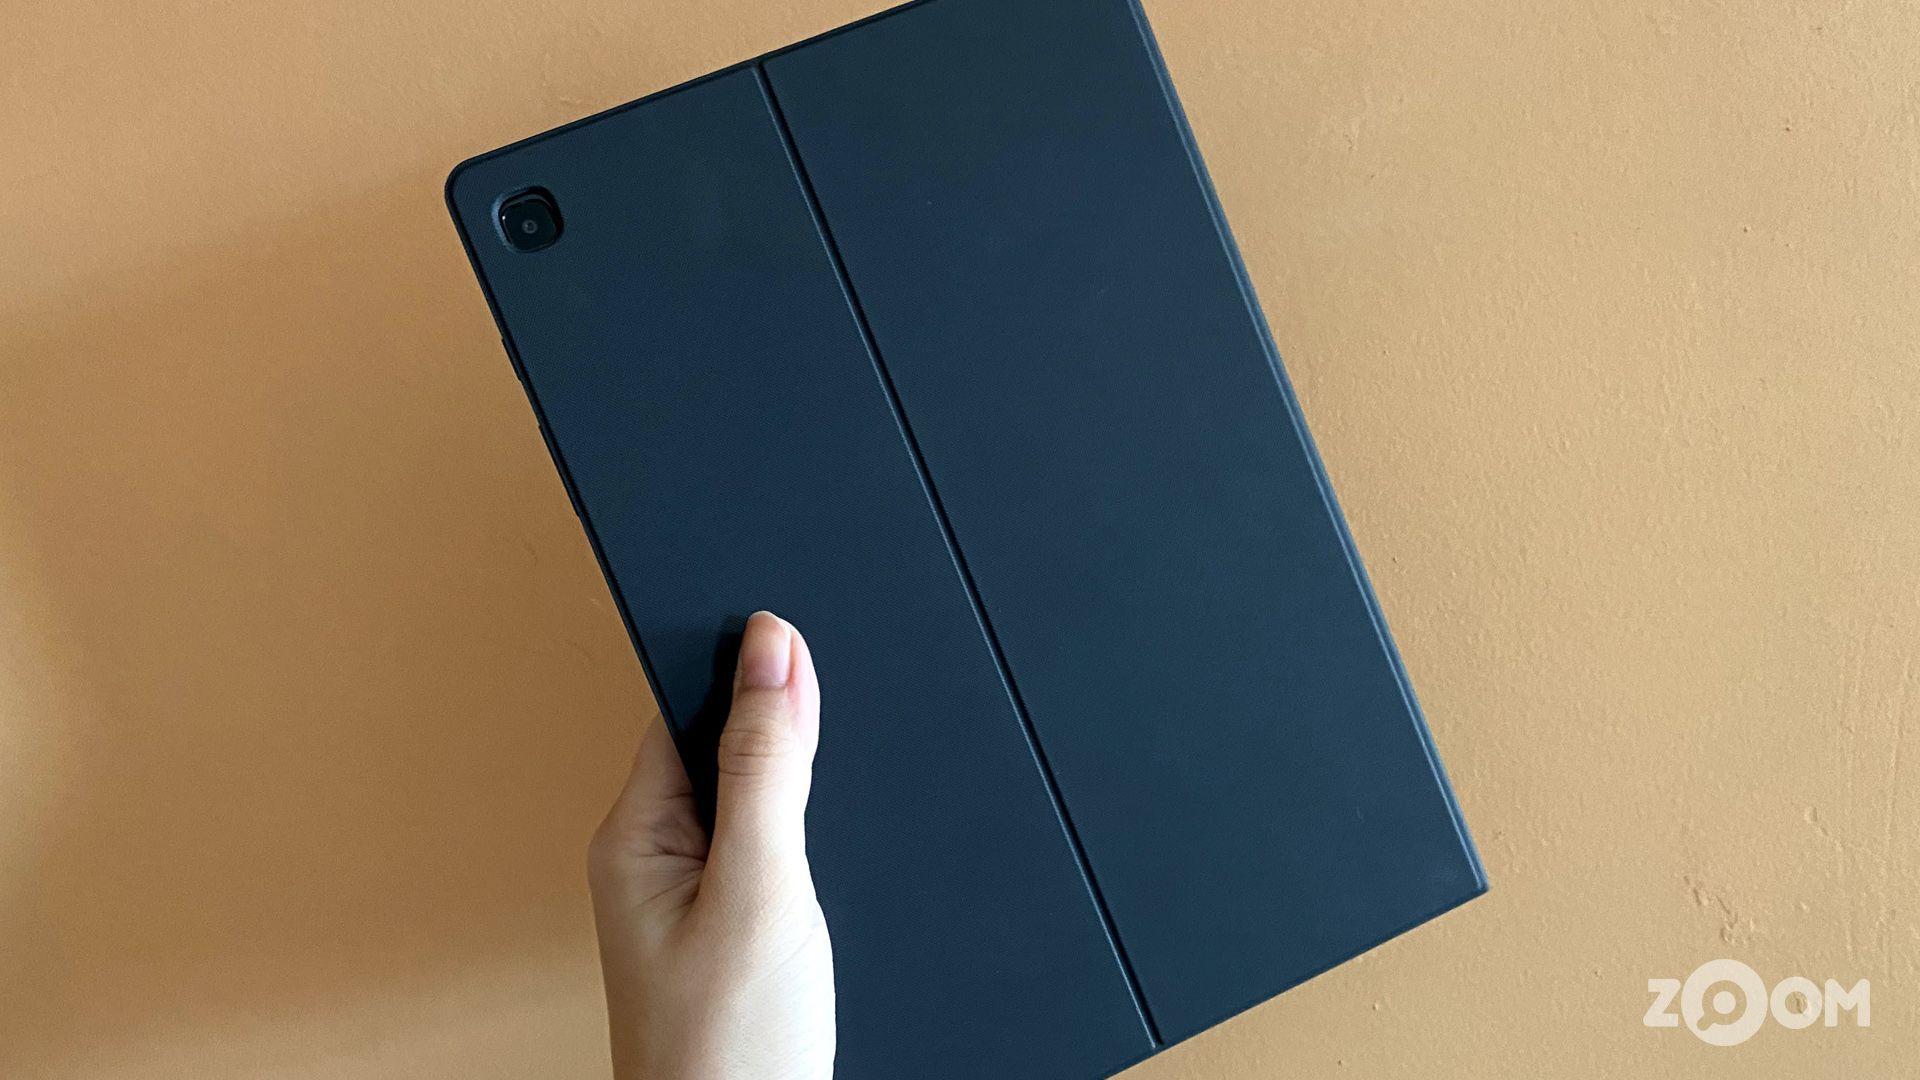 Capa do Galaxy Tab S6 Lite. (Imagem: Ana Marques/Zoom)